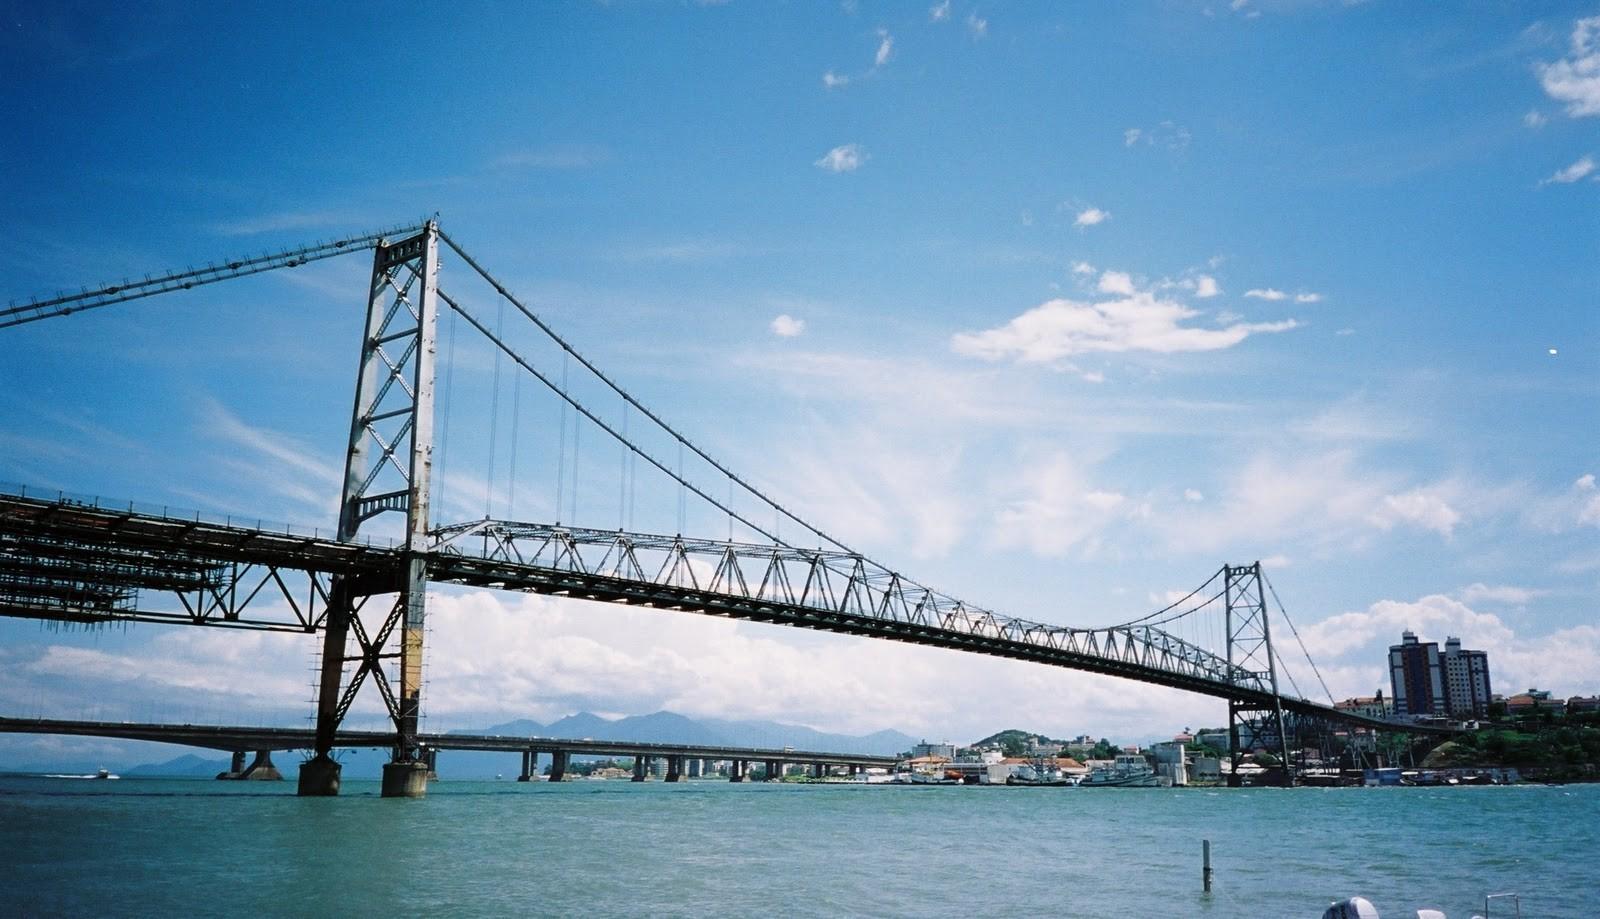 www.portal.revistavisao.com.br